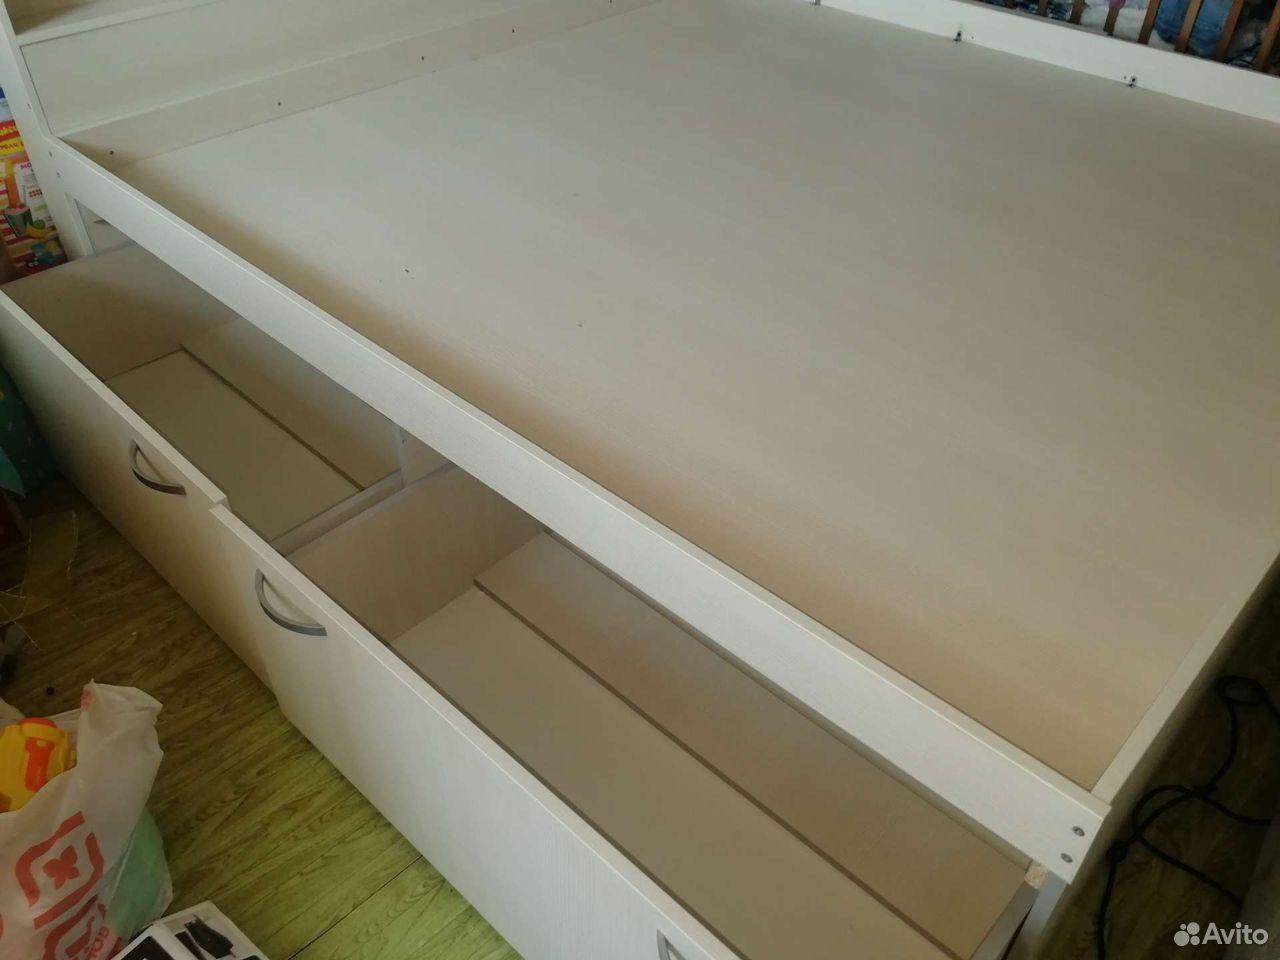 Кровать с матрасом 2,0 * 2,0 метра  89173310344 купить 3